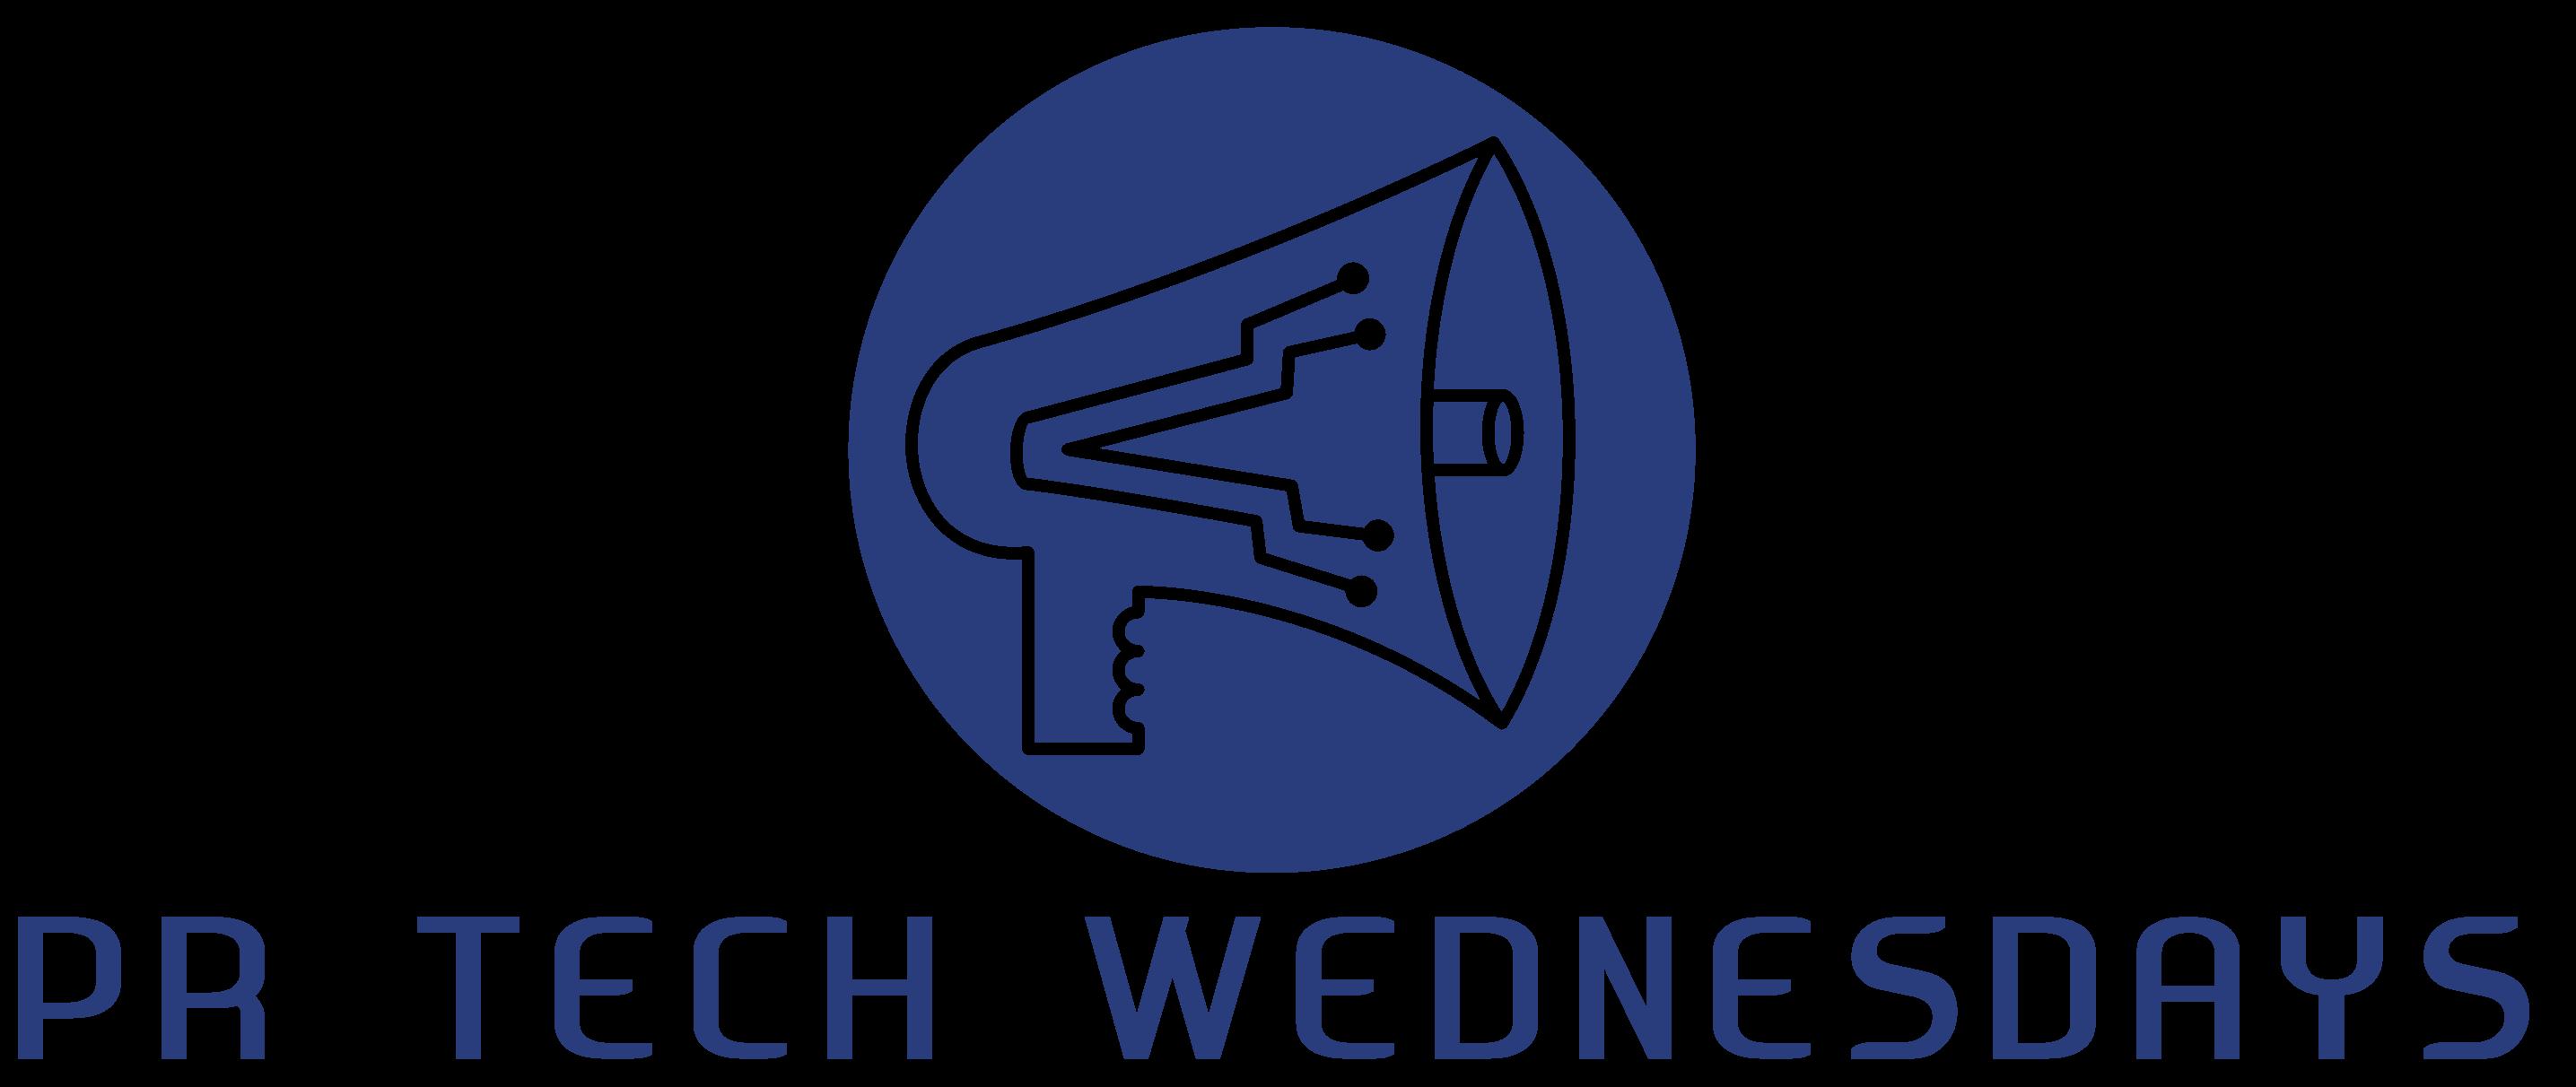 PR Tech Wednesdays_logo-no_tagline